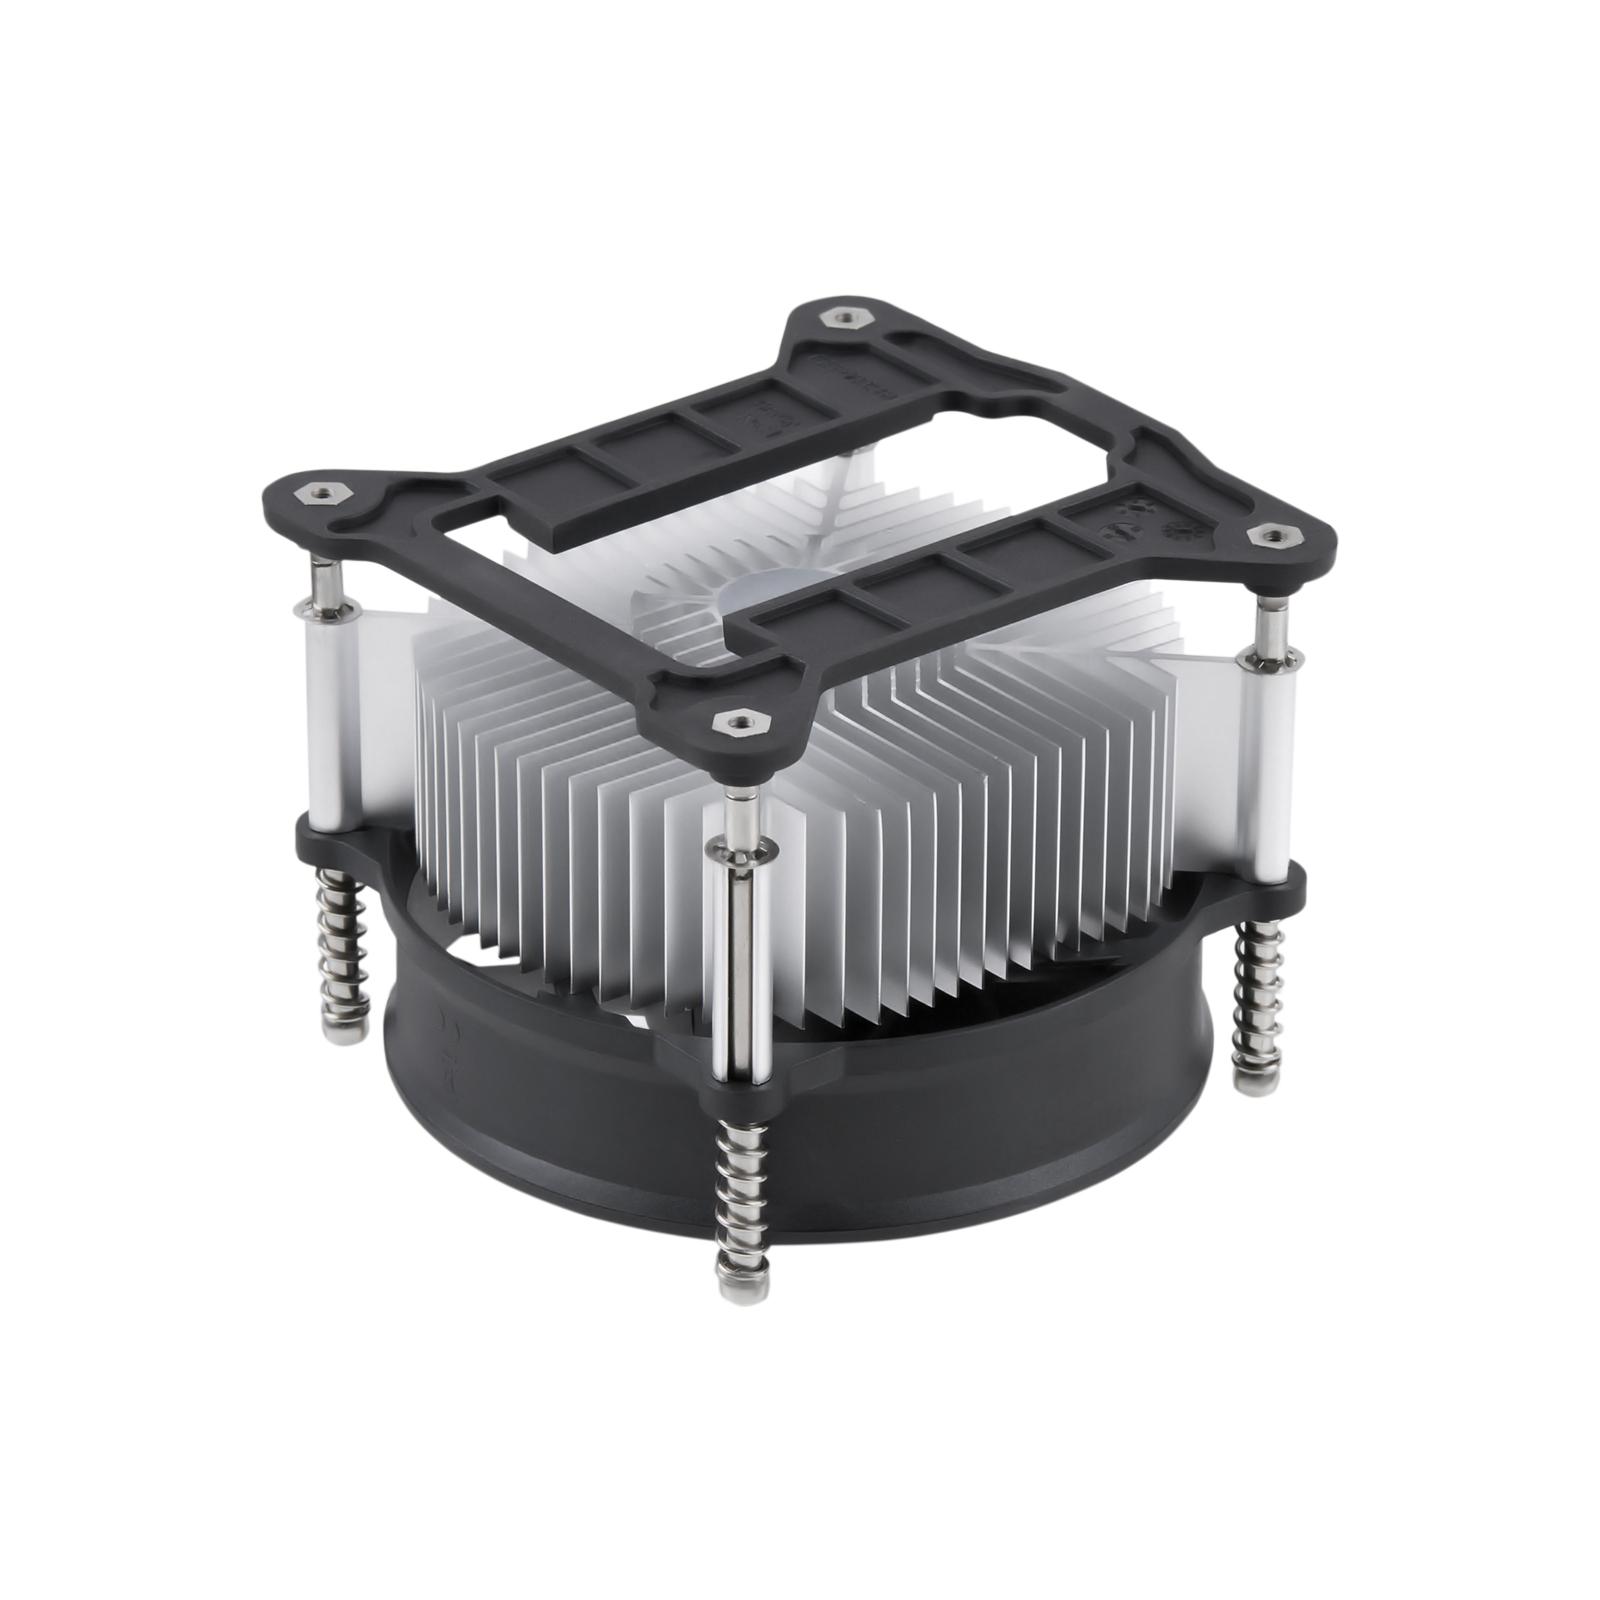 Кулер для процессора Deepcool CK-11508 изображение 3